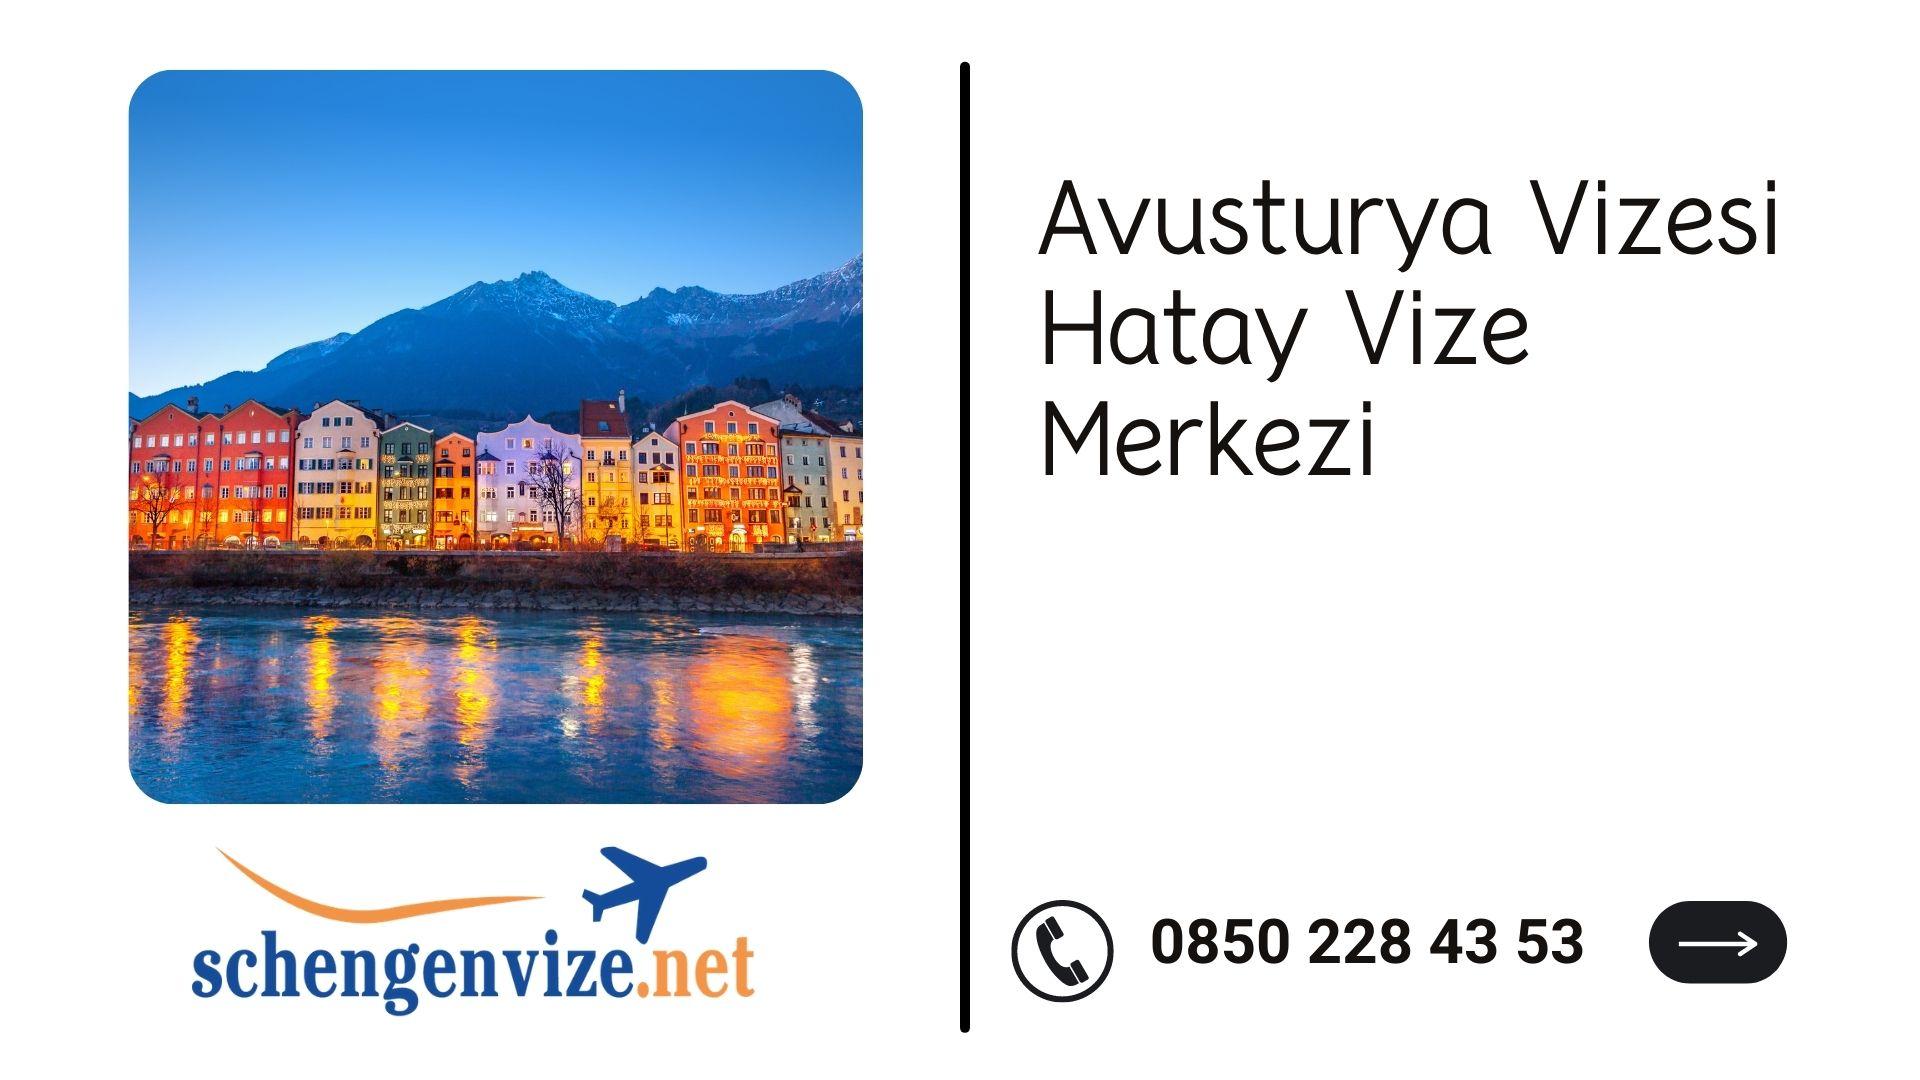 Avusturya Vizesi Hatay Vize Merkezi